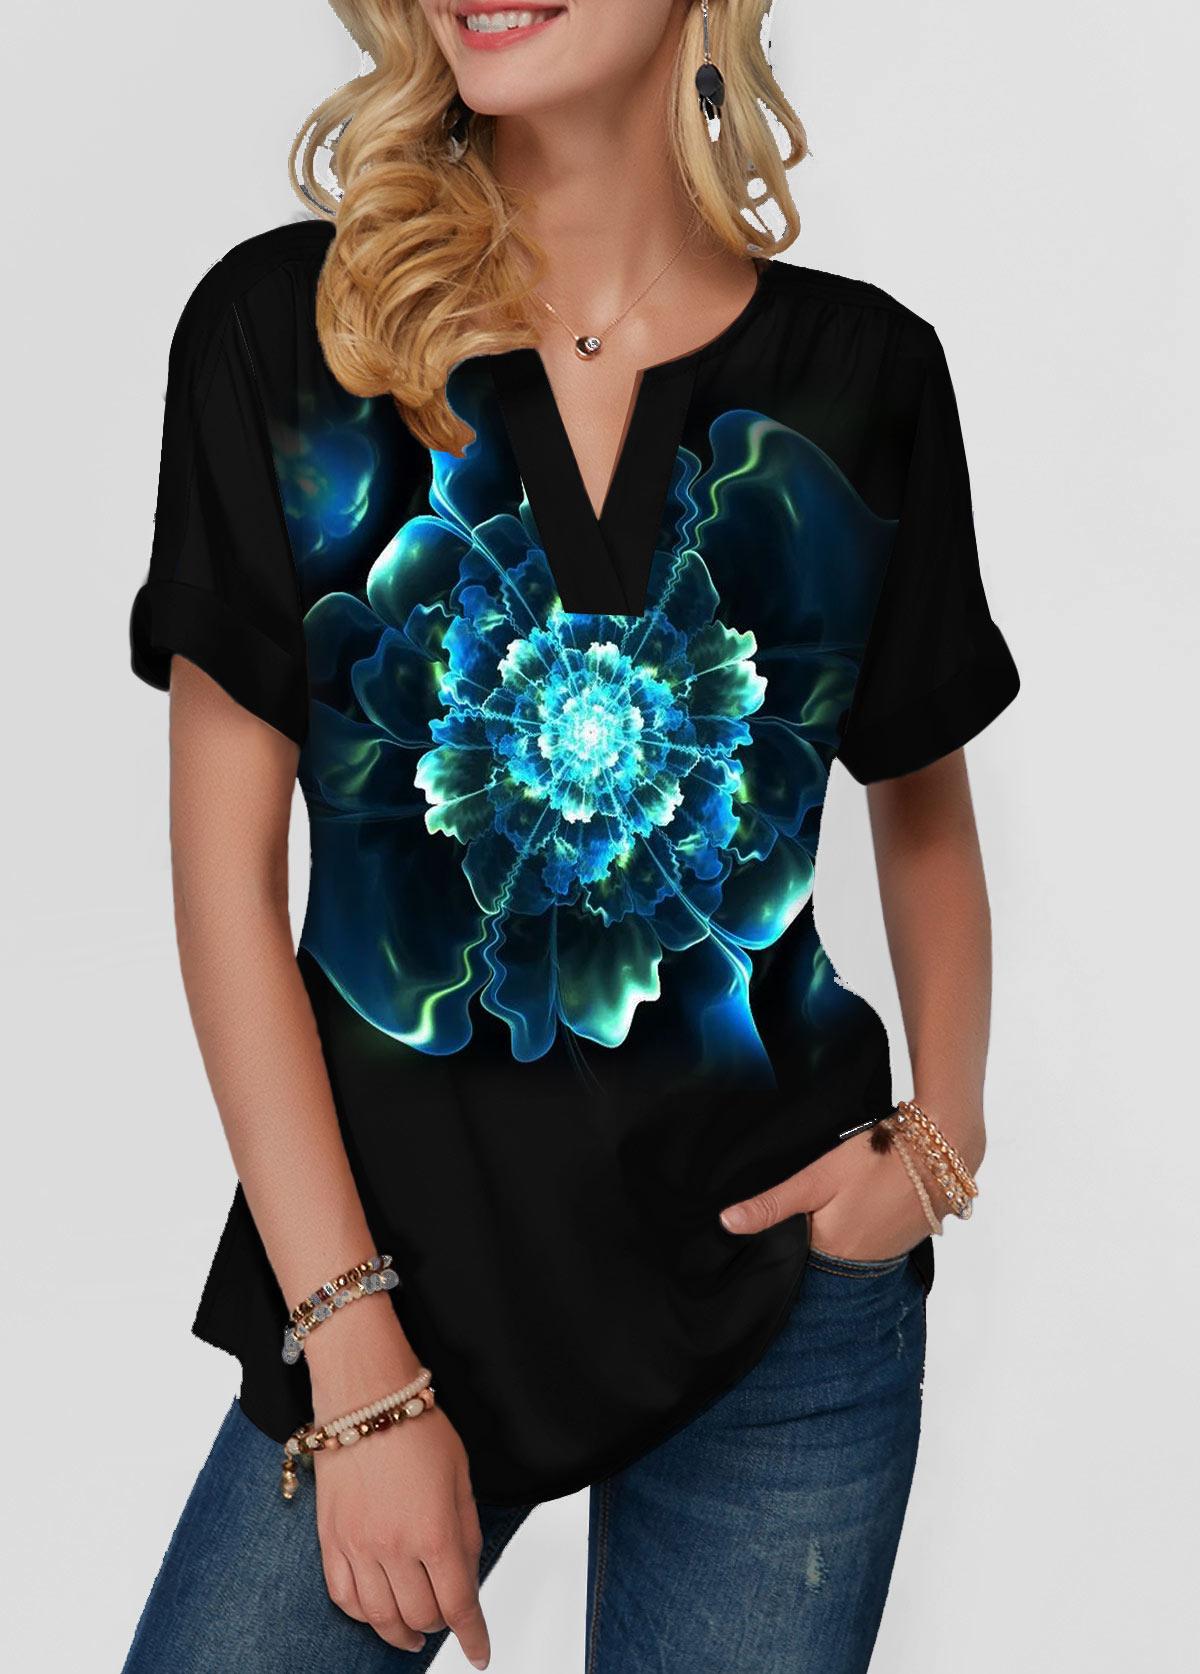 Notch Neck Dazzle Color Short Sleeve T Shirt